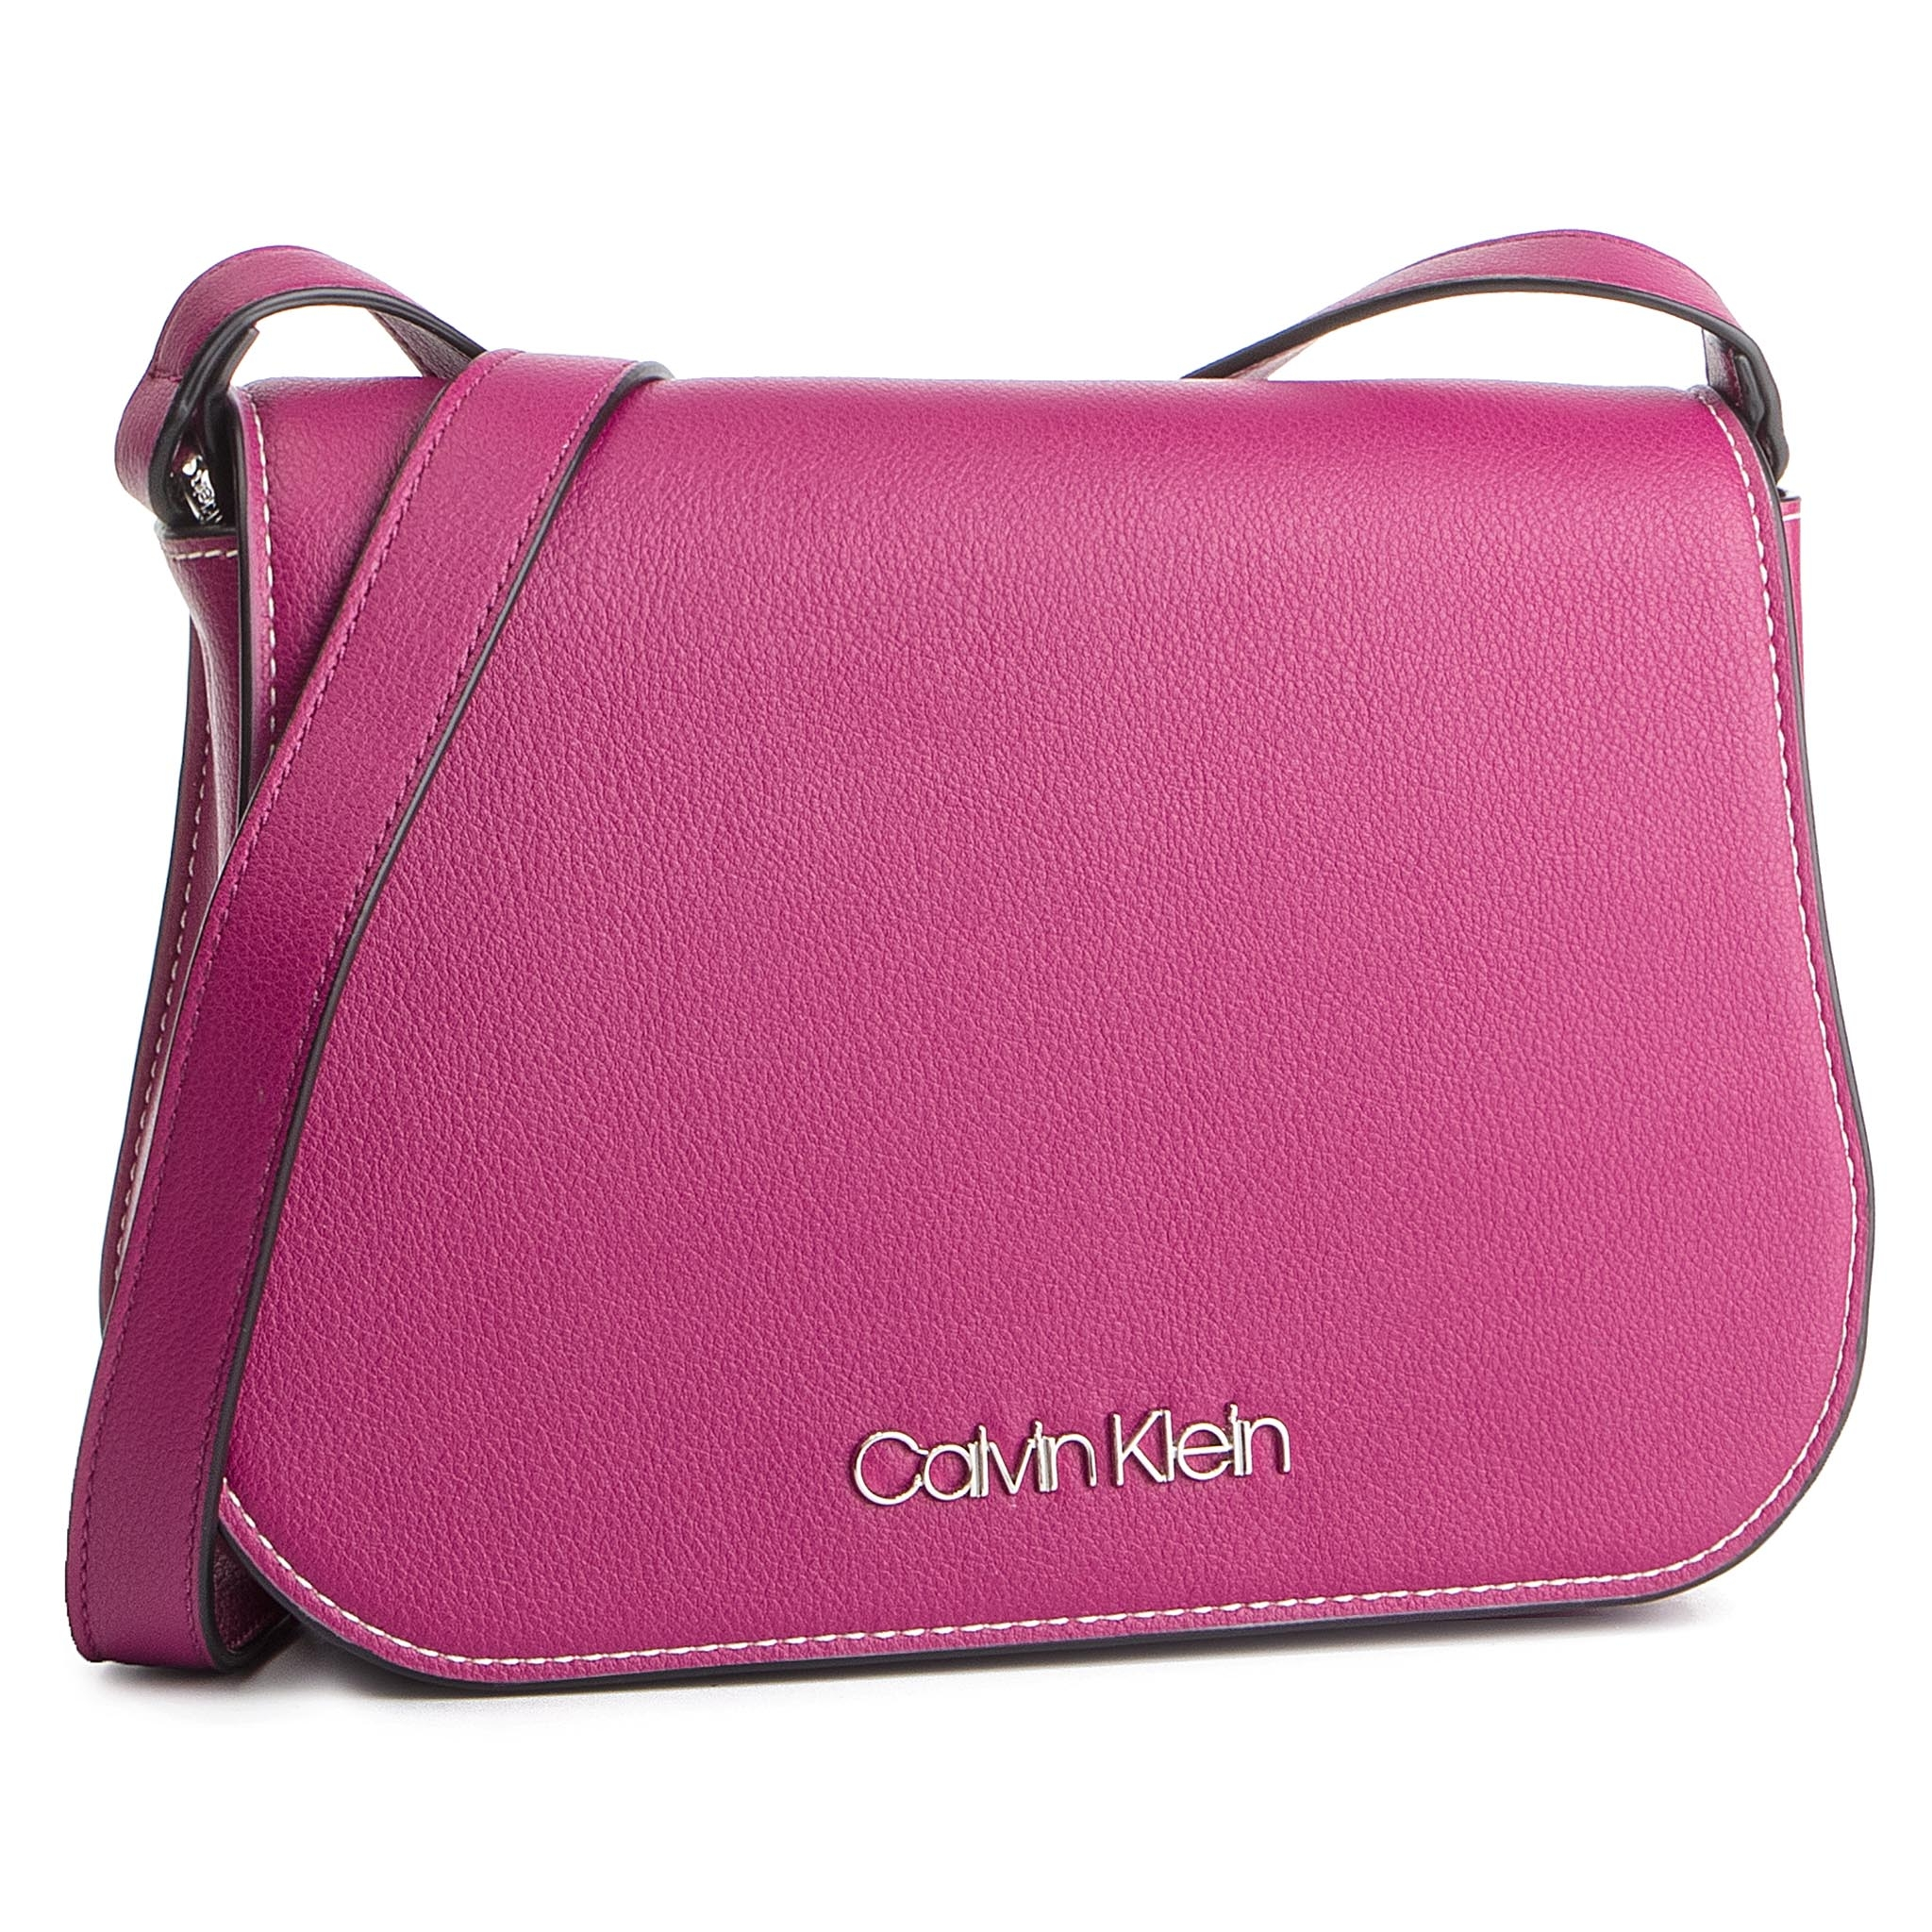 cdd3072883 Kabelka CALVIN KLEIN - Slide Saddle Bag K60K605065 510 - Glami.sk